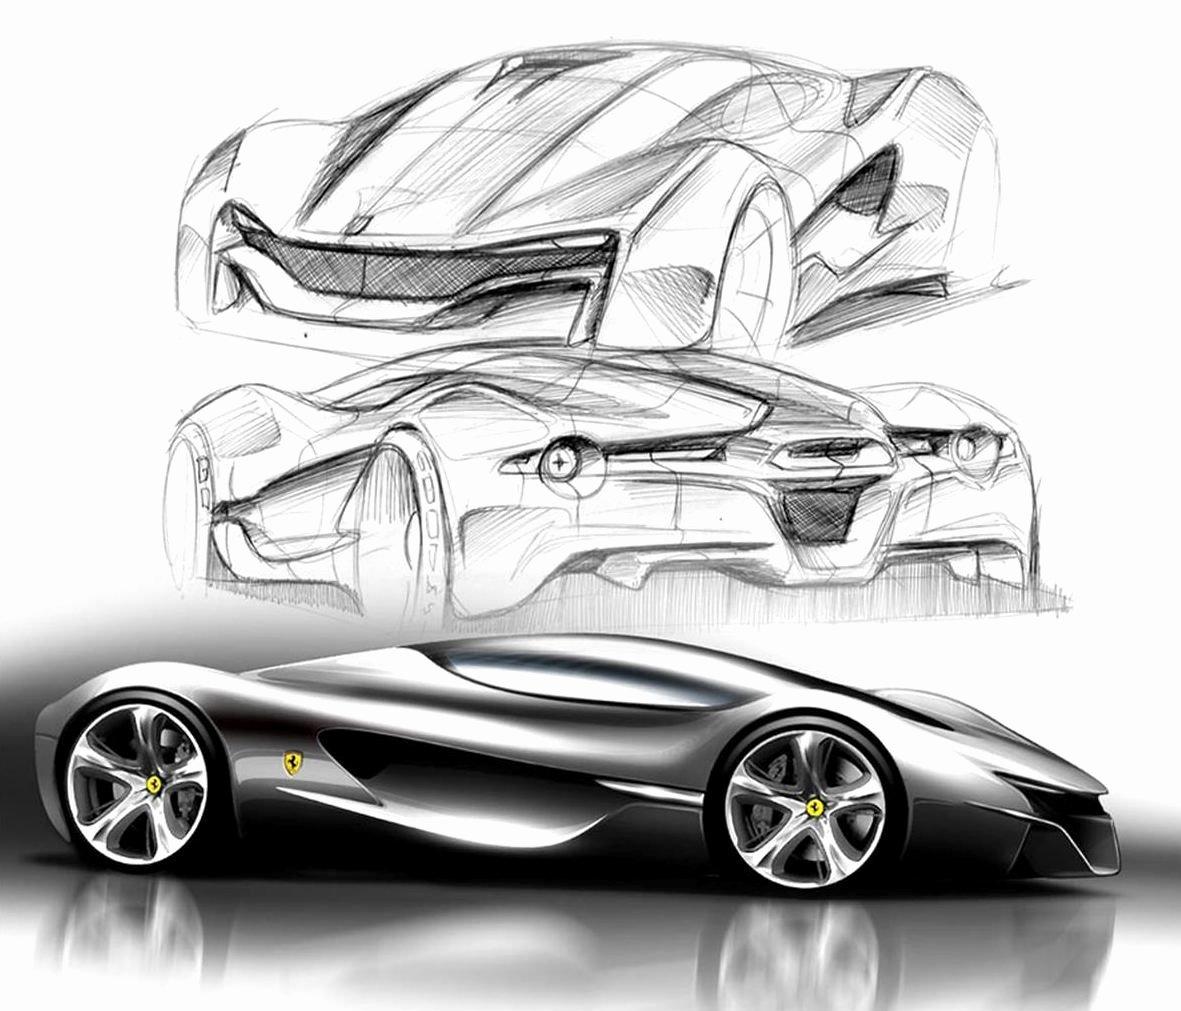 что как дизайнеры рисуют эскизы спорткаров фото отрывая листа бумаги